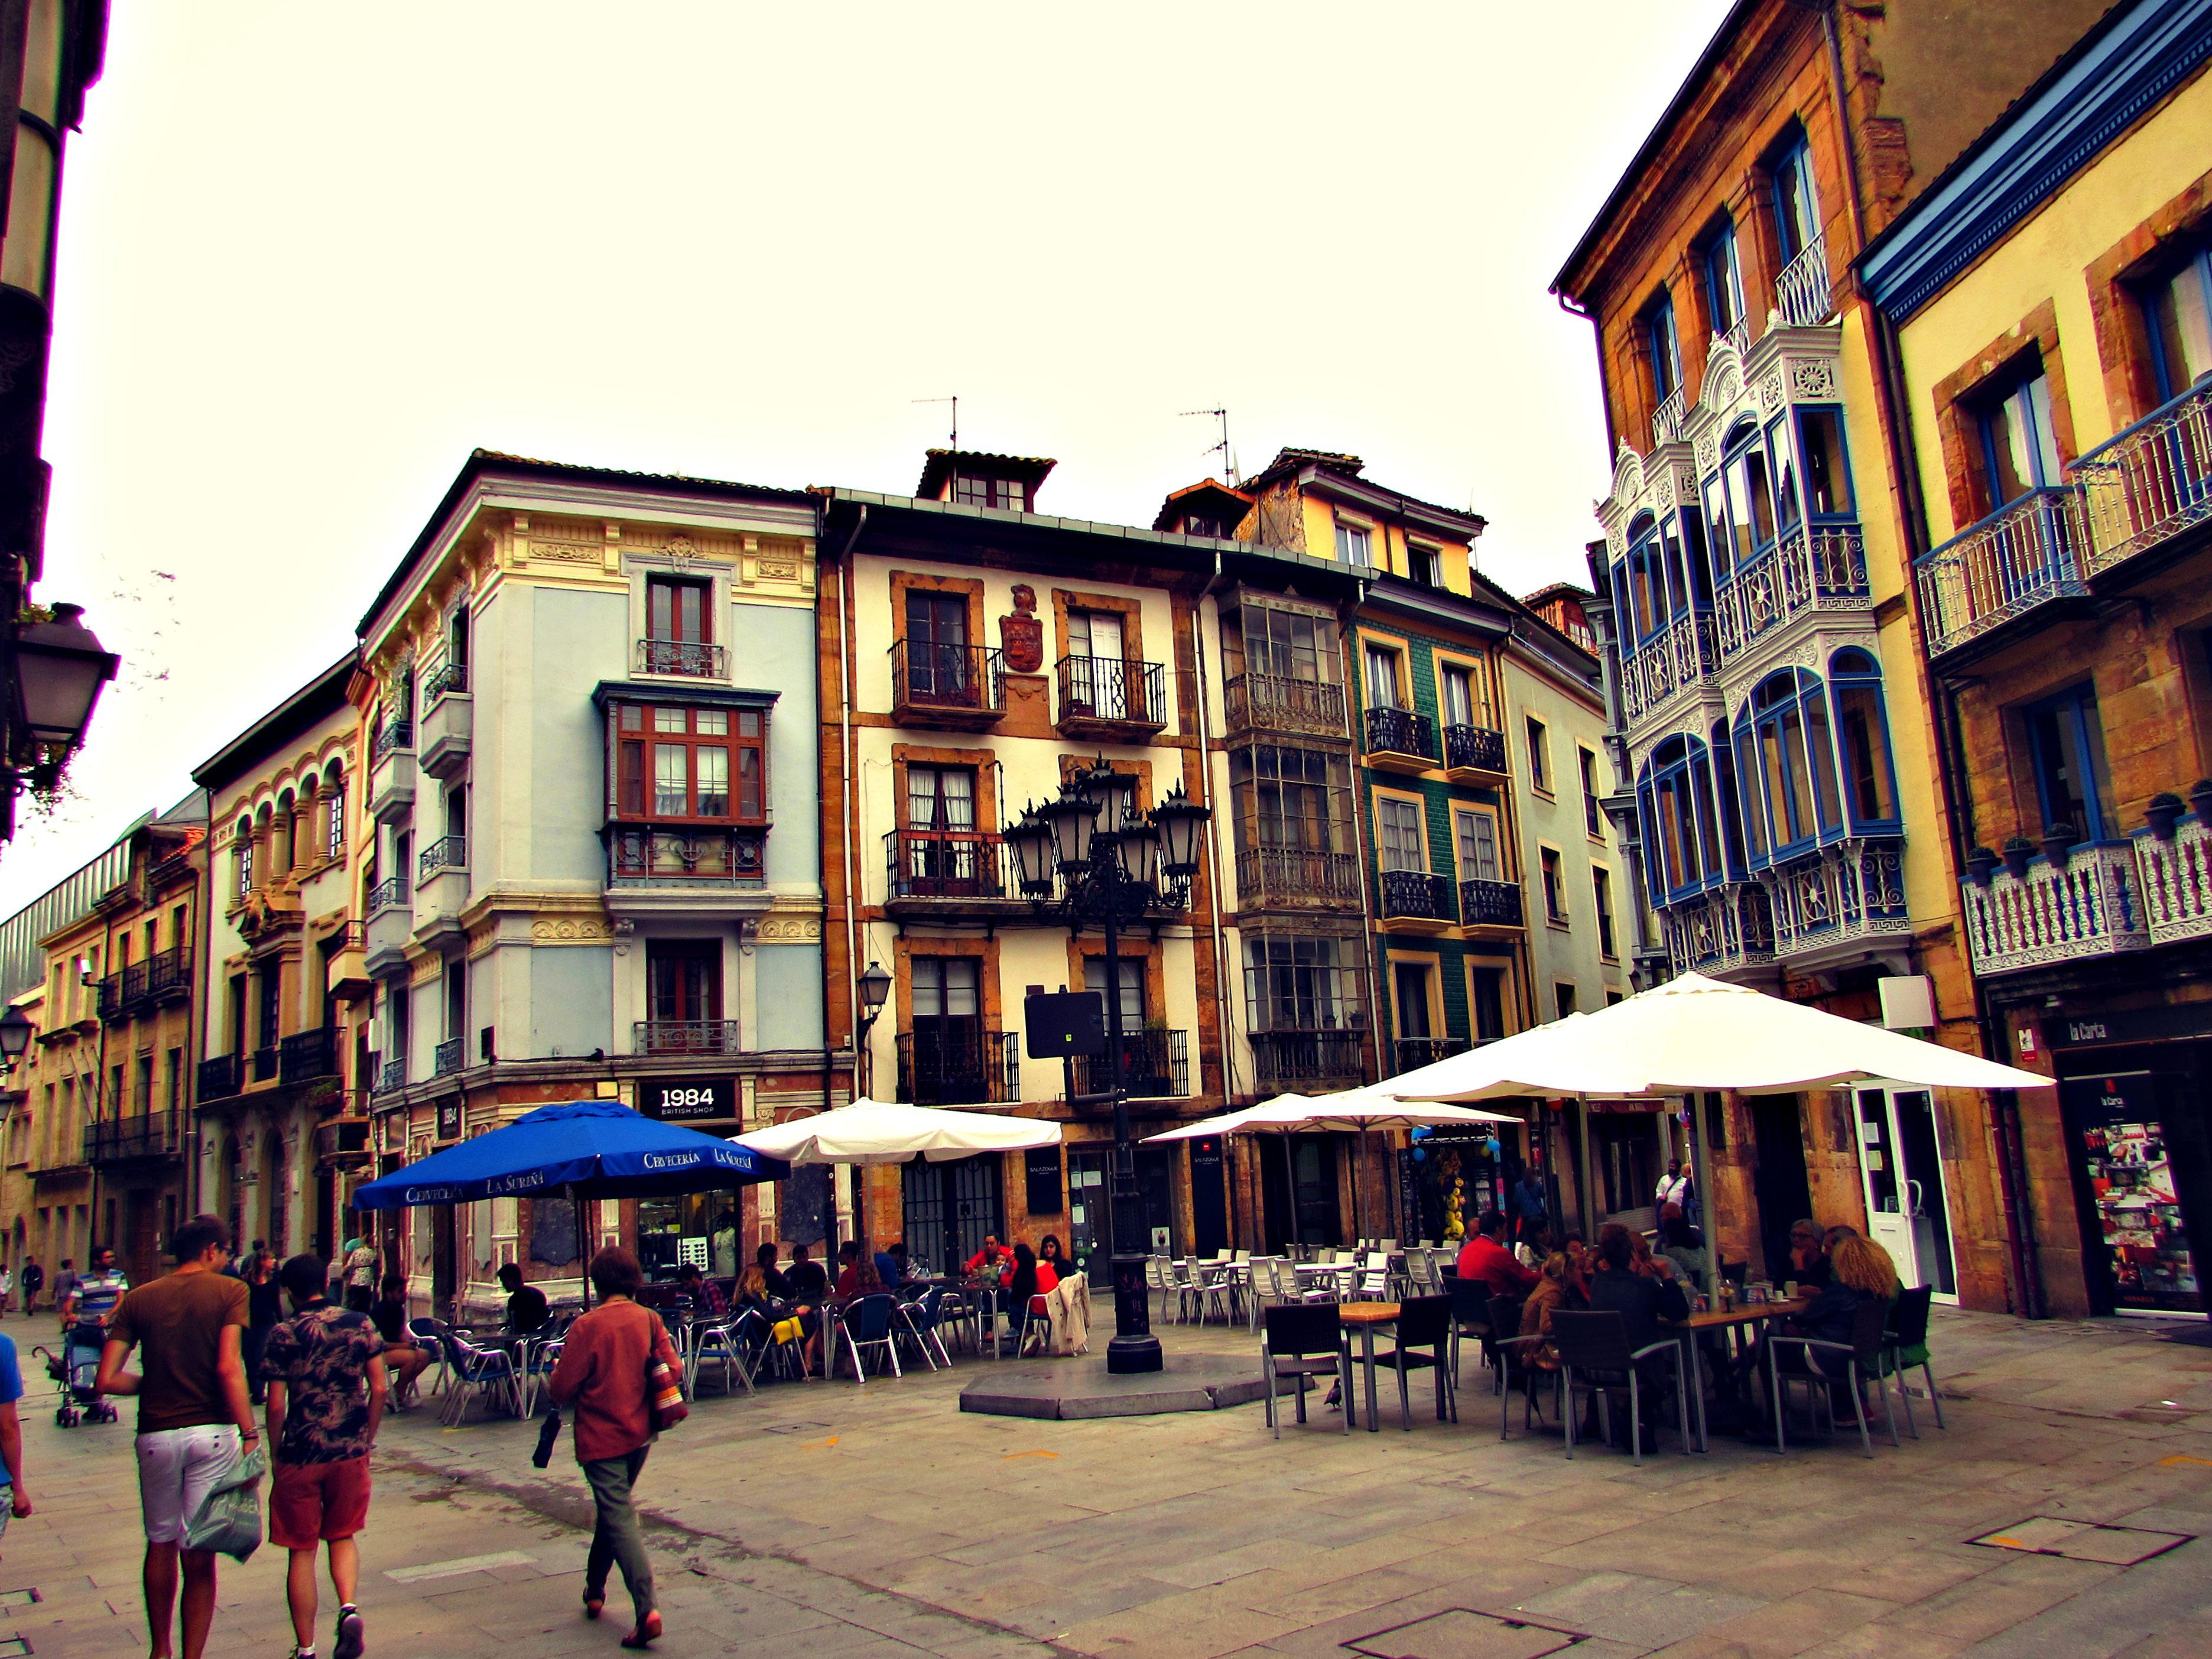 oviedo-asturias-northern-spain